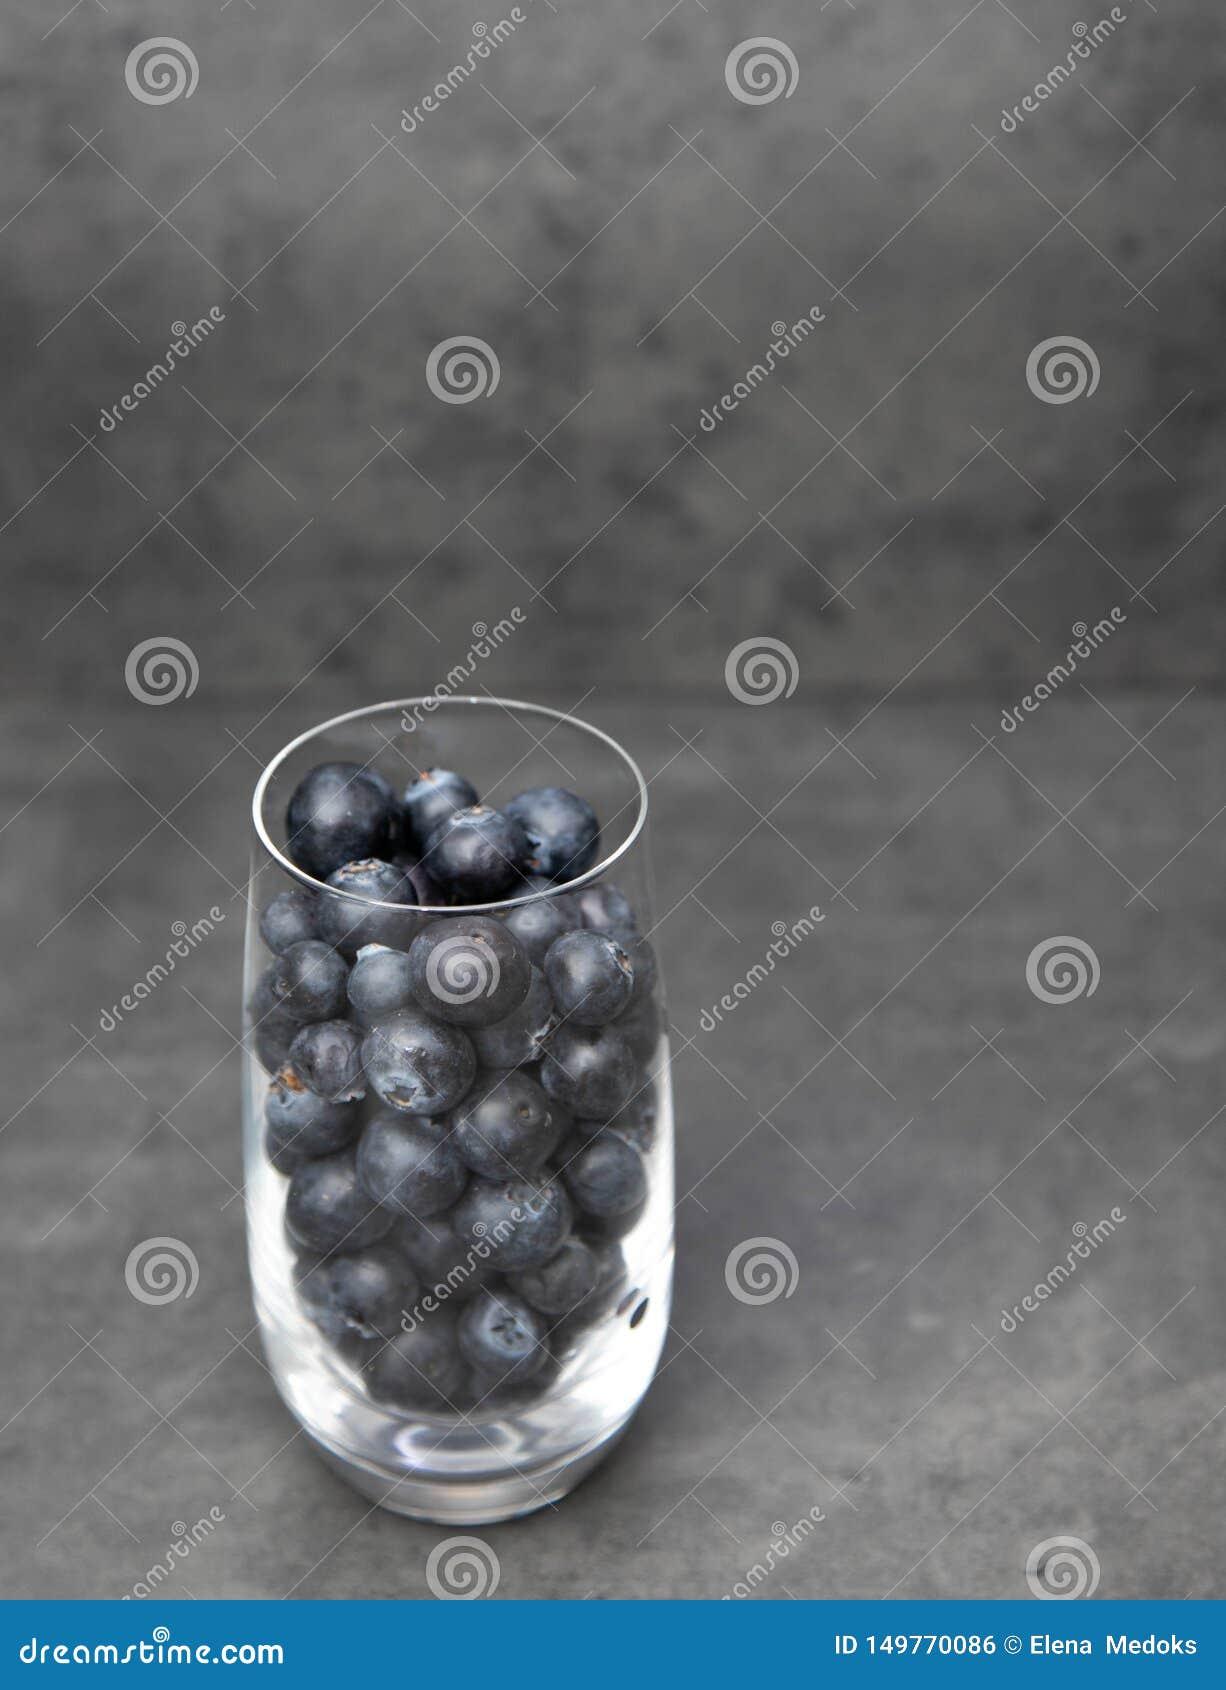 Φρέσκα βακκίνια σε ένα κύπελλο γυαλιού Εύγευστα βακκίνια σε ένα φλυτζάνι γυαλιού σε ένα γκρίζο υπόβαθρο r